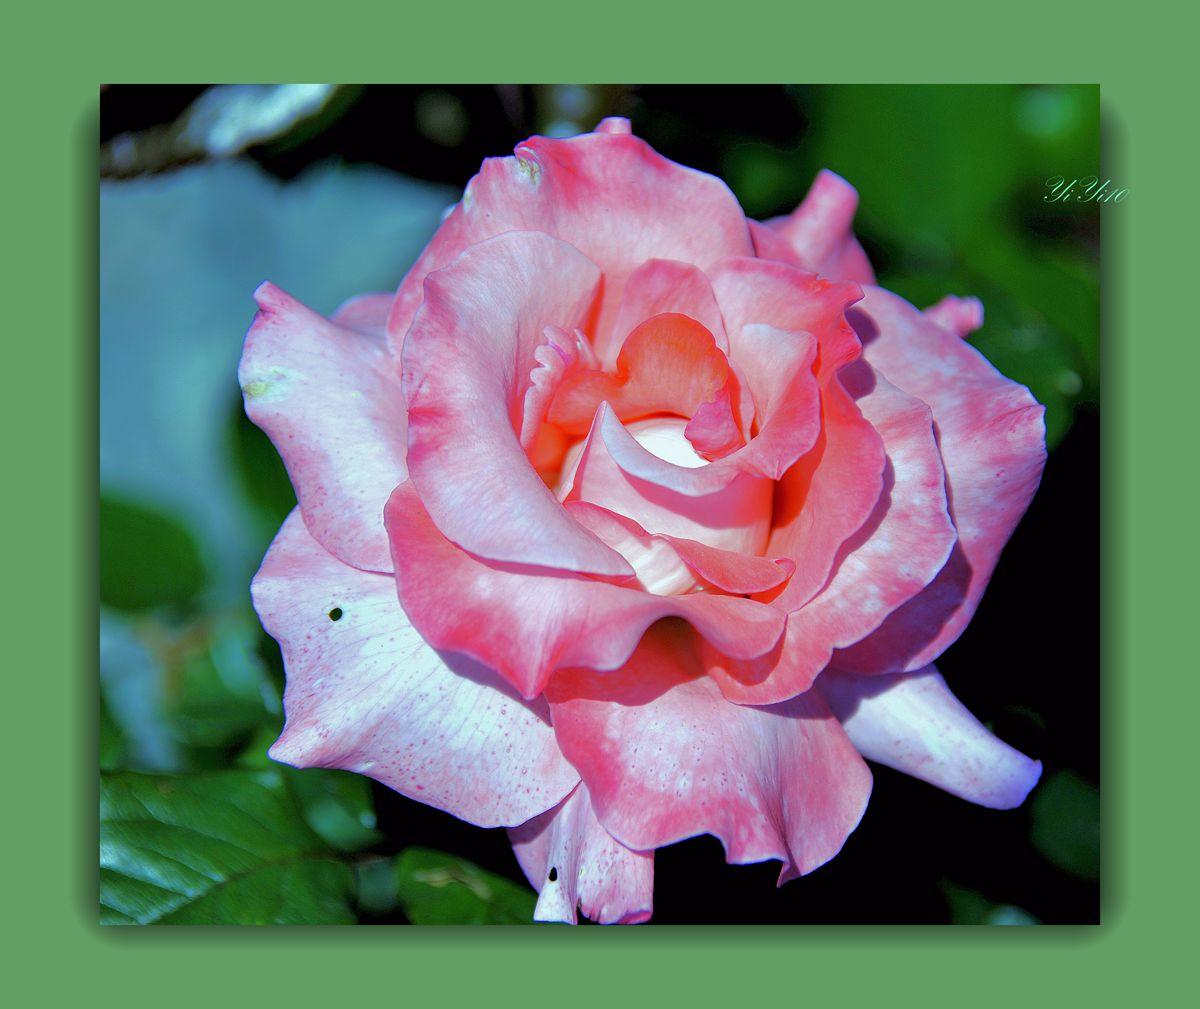 【原創】陽光下的五彩玫瑰(攝